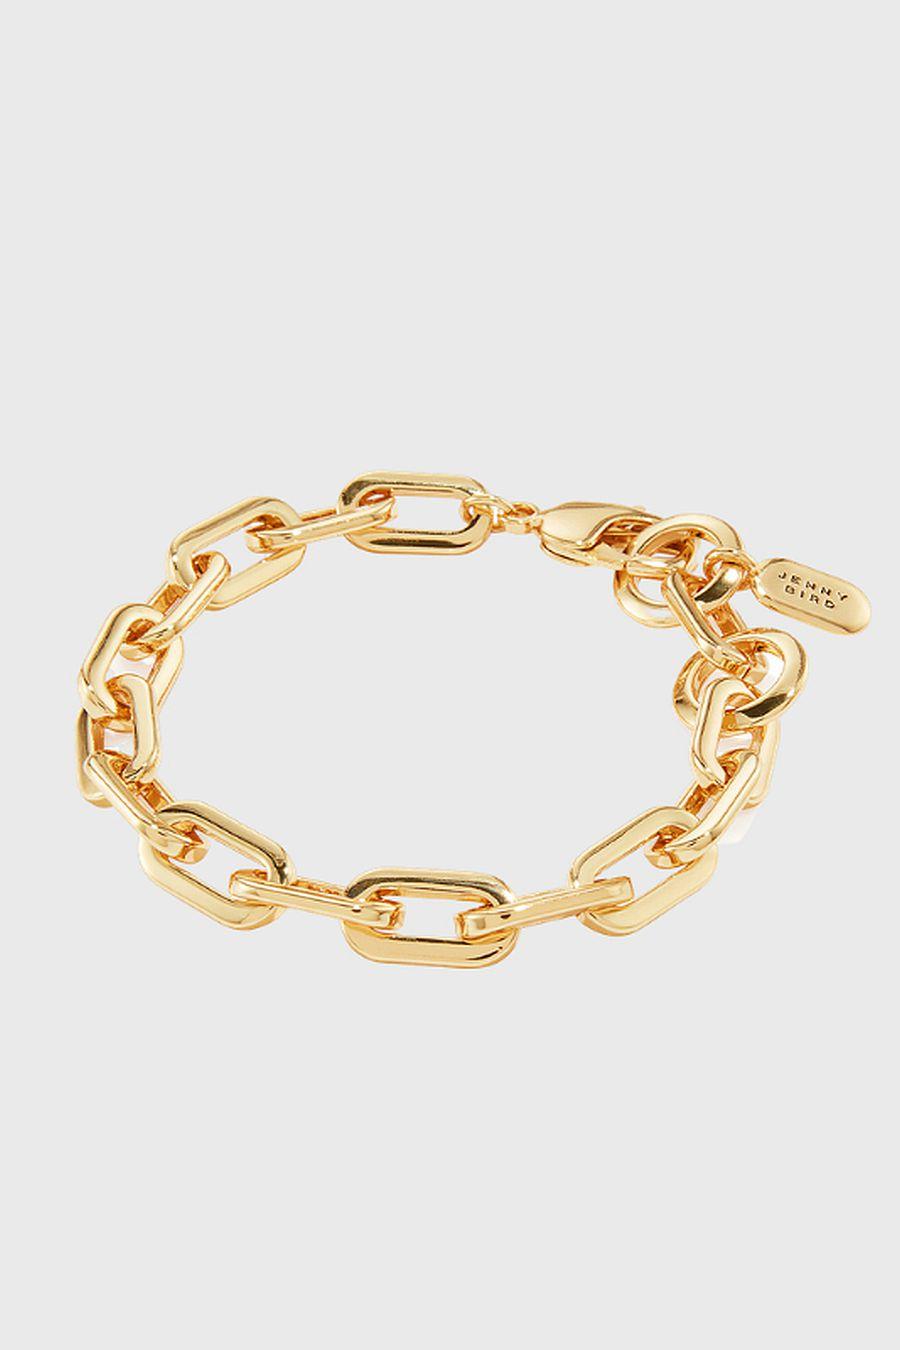 Jenny Bird Toni Link Bracelet - Small